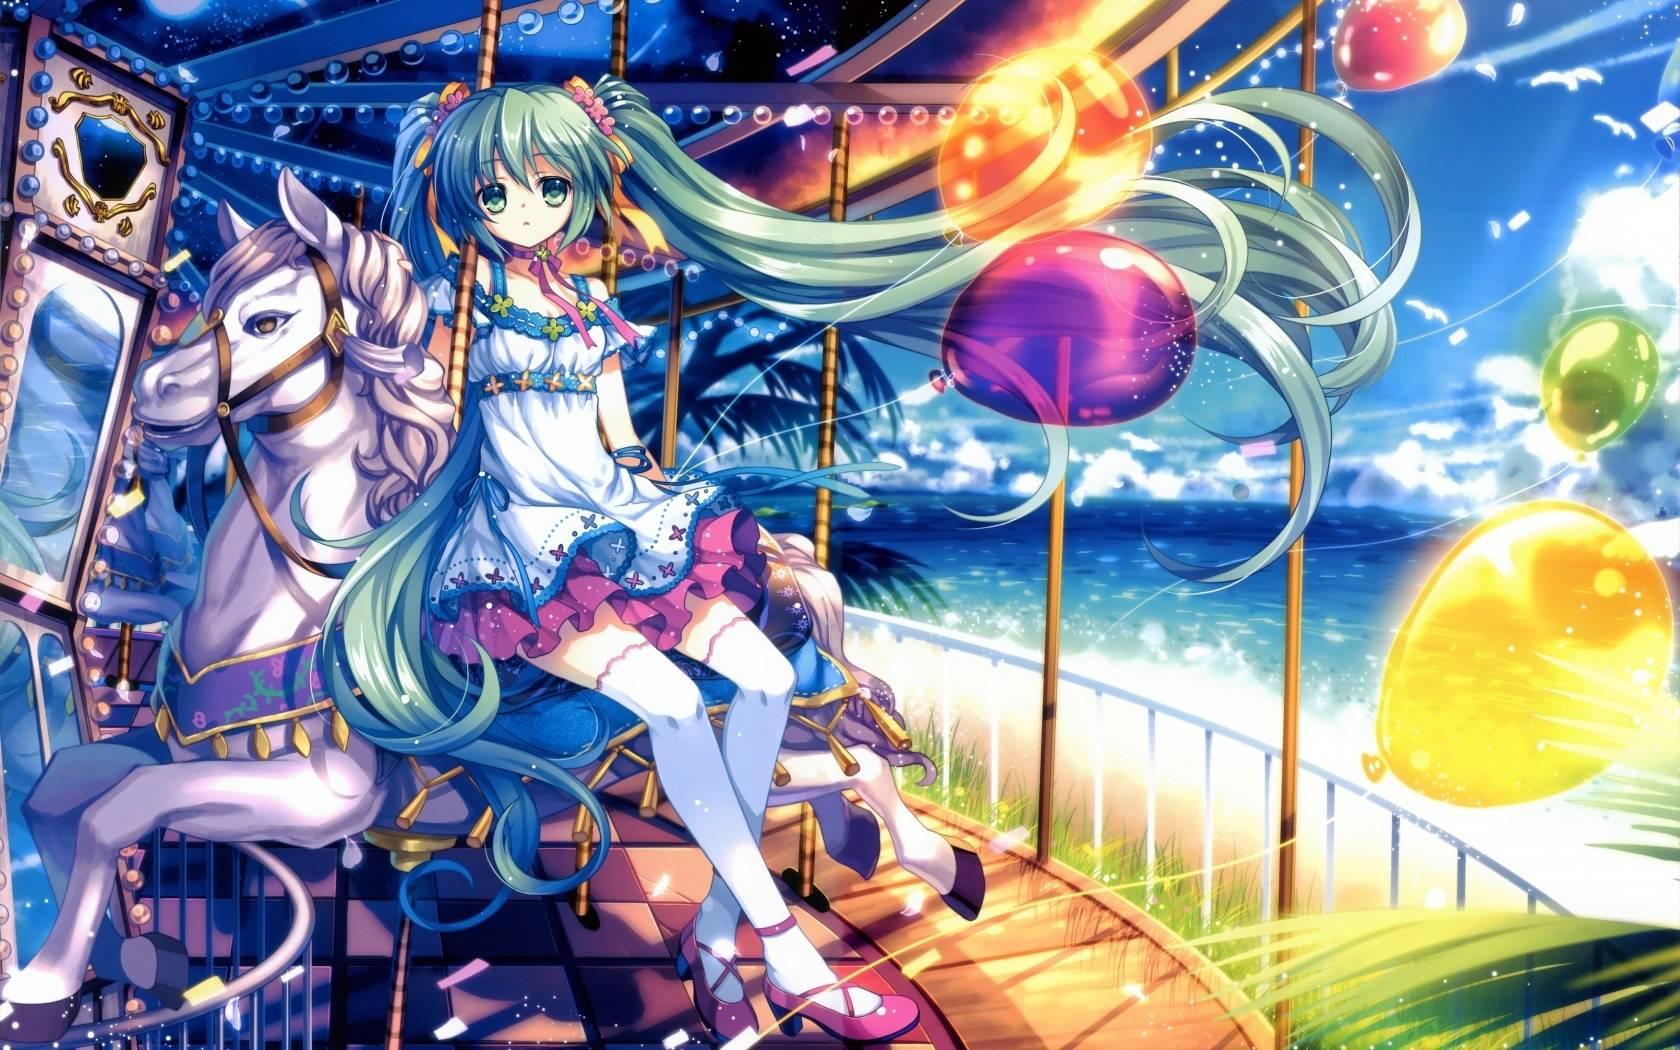 Girl in merry-go-round - Anime & Manga Wallpaper